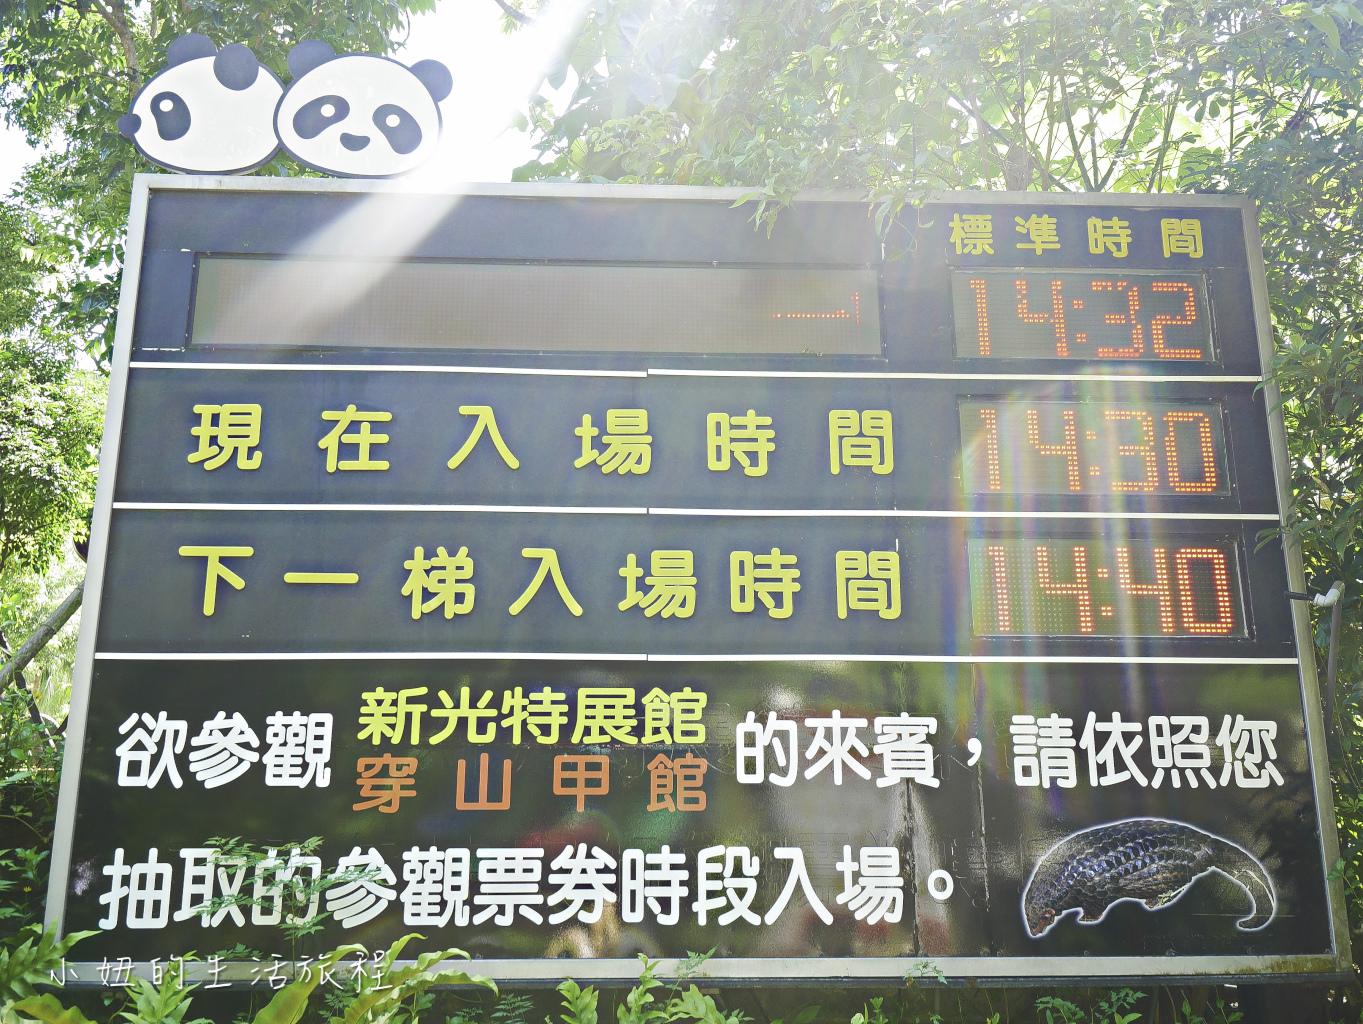 木柵動物園,穿山甲館,熱帶雨林館,2019-20.jpg